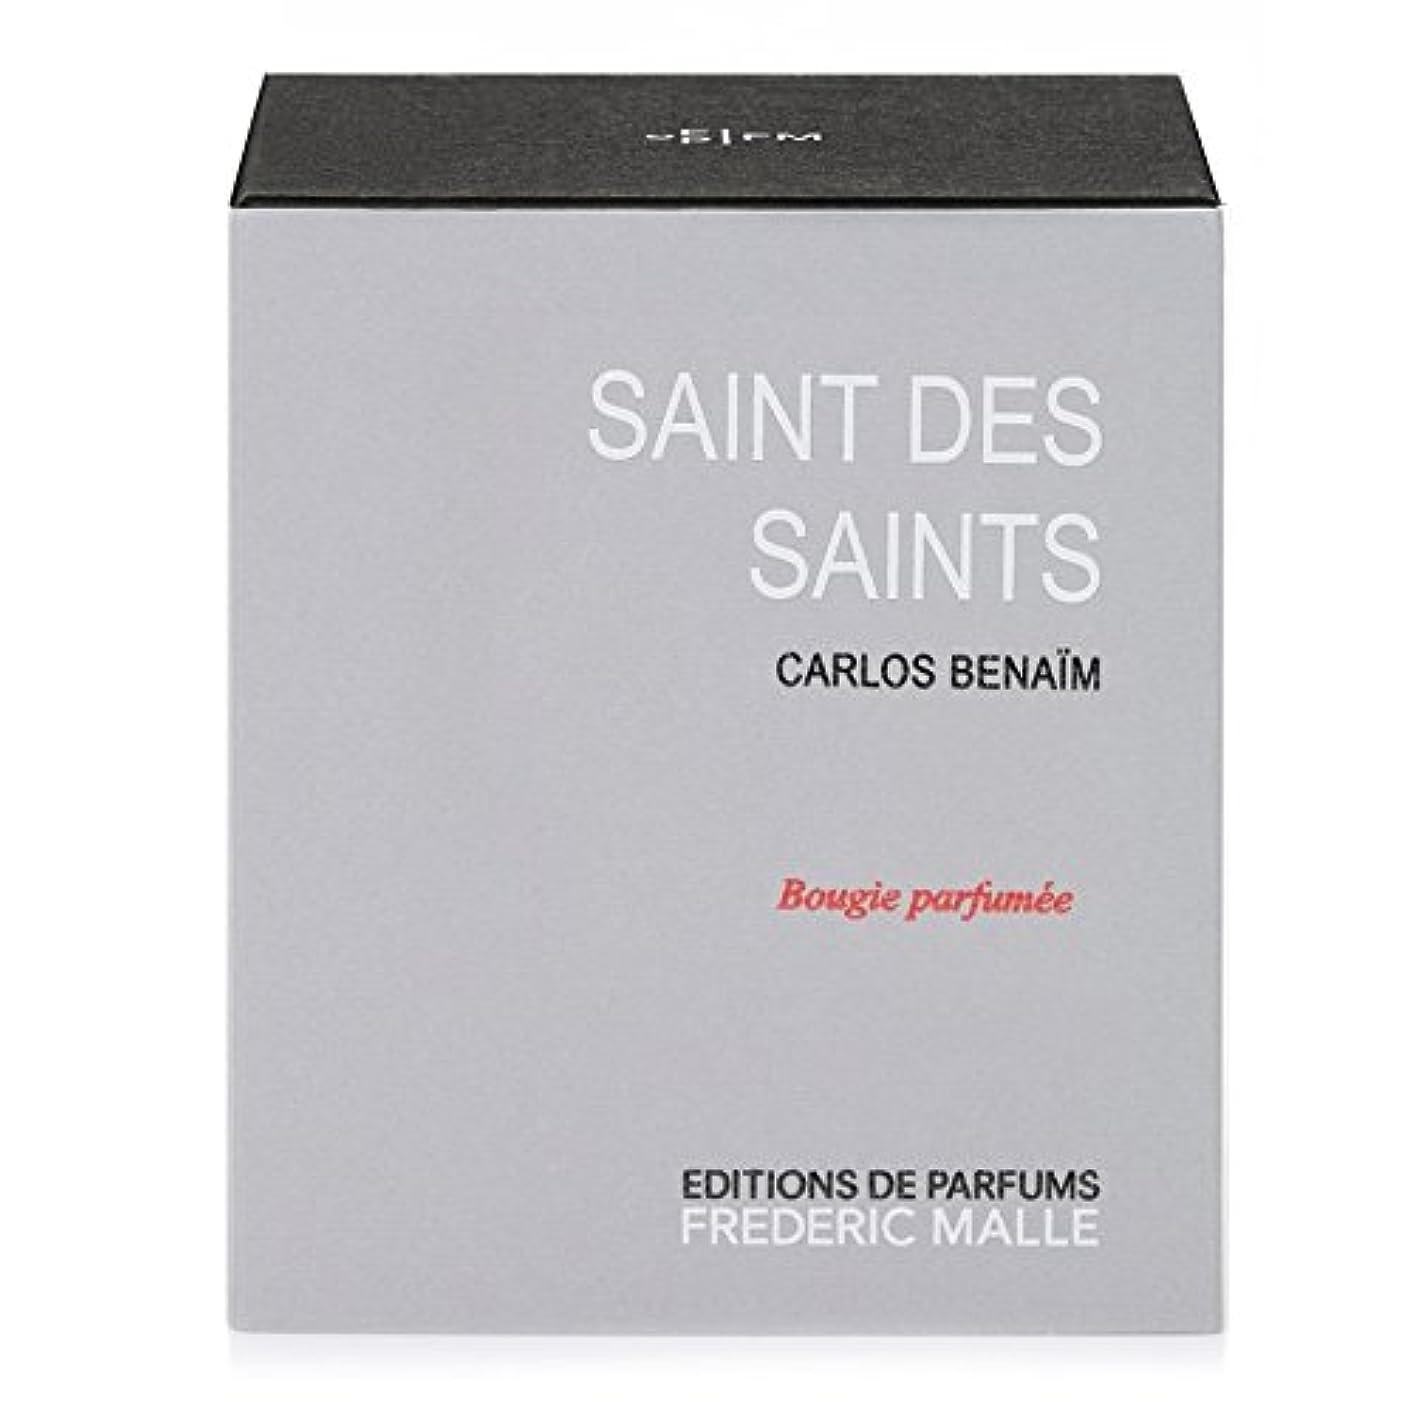 リル外科医うれしいFrederic Malle Saint Des Saints Scented Candle 220g (Pack of 4) - フレデリック?マル聖人デ聖人の香りのキャンドル220グラム x4 [並行輸入品]